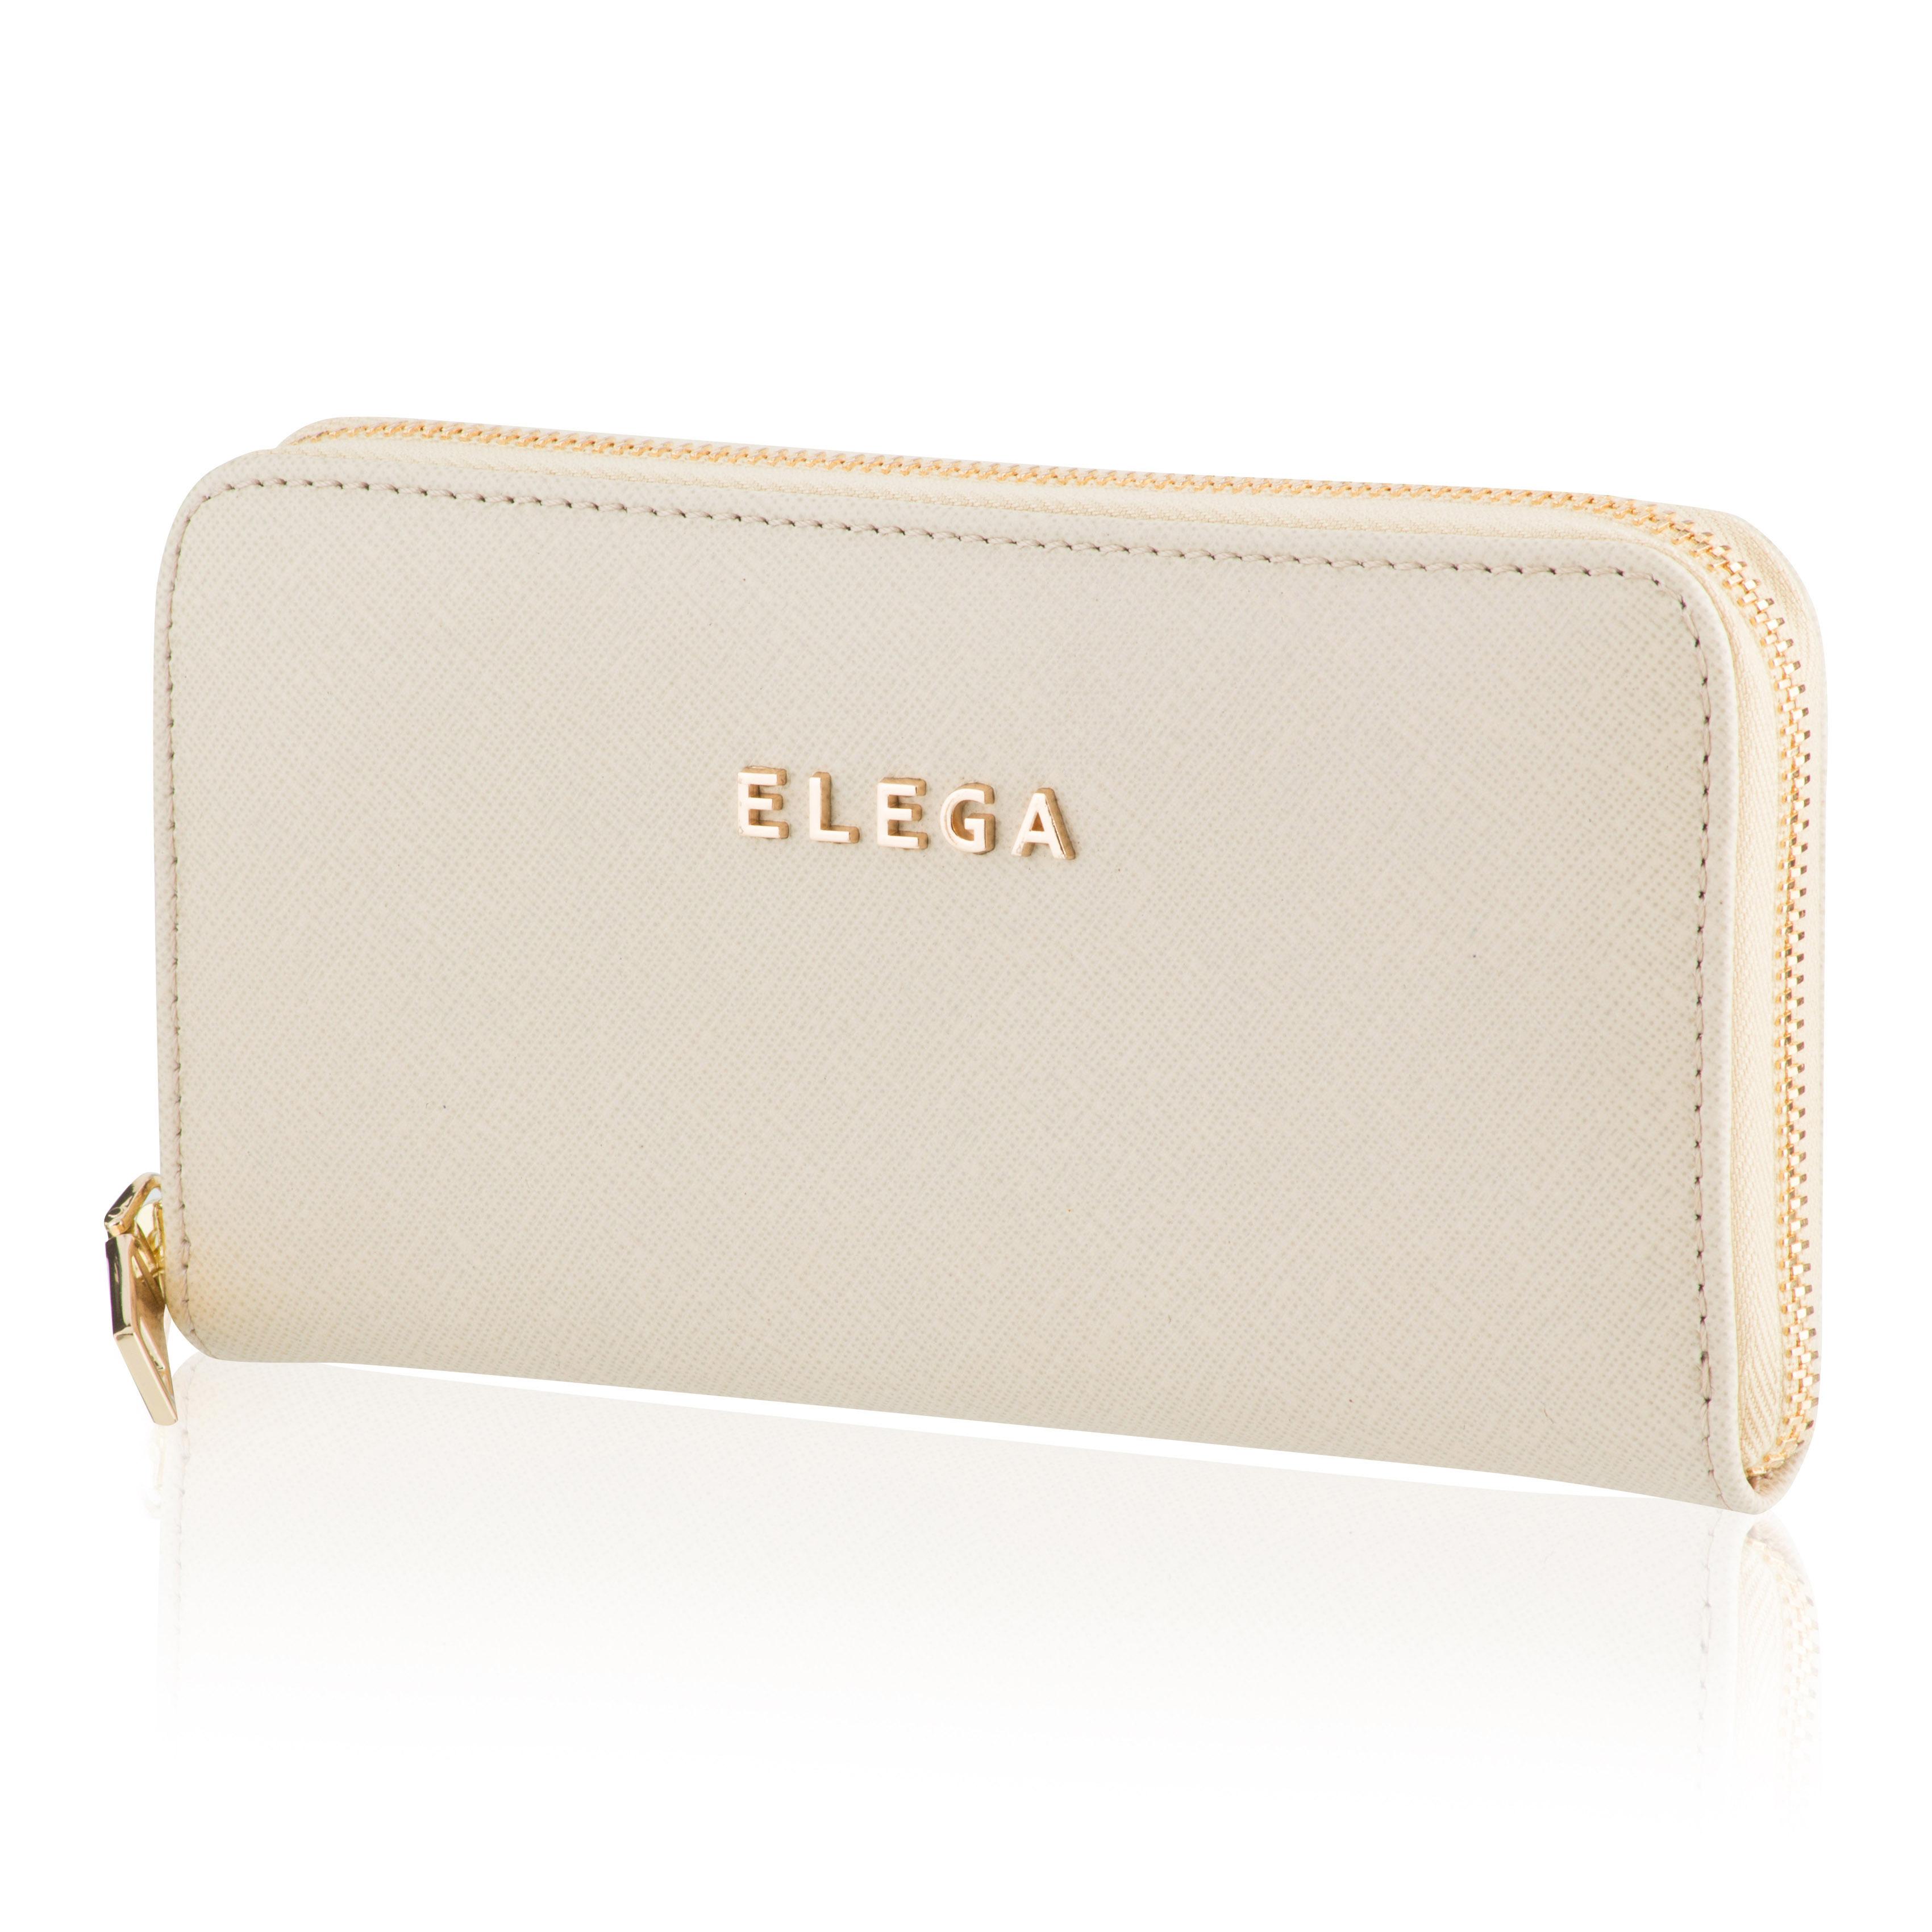 Dámská peněženka ELEGA Samara Saffiano béžová se zlatým kováním